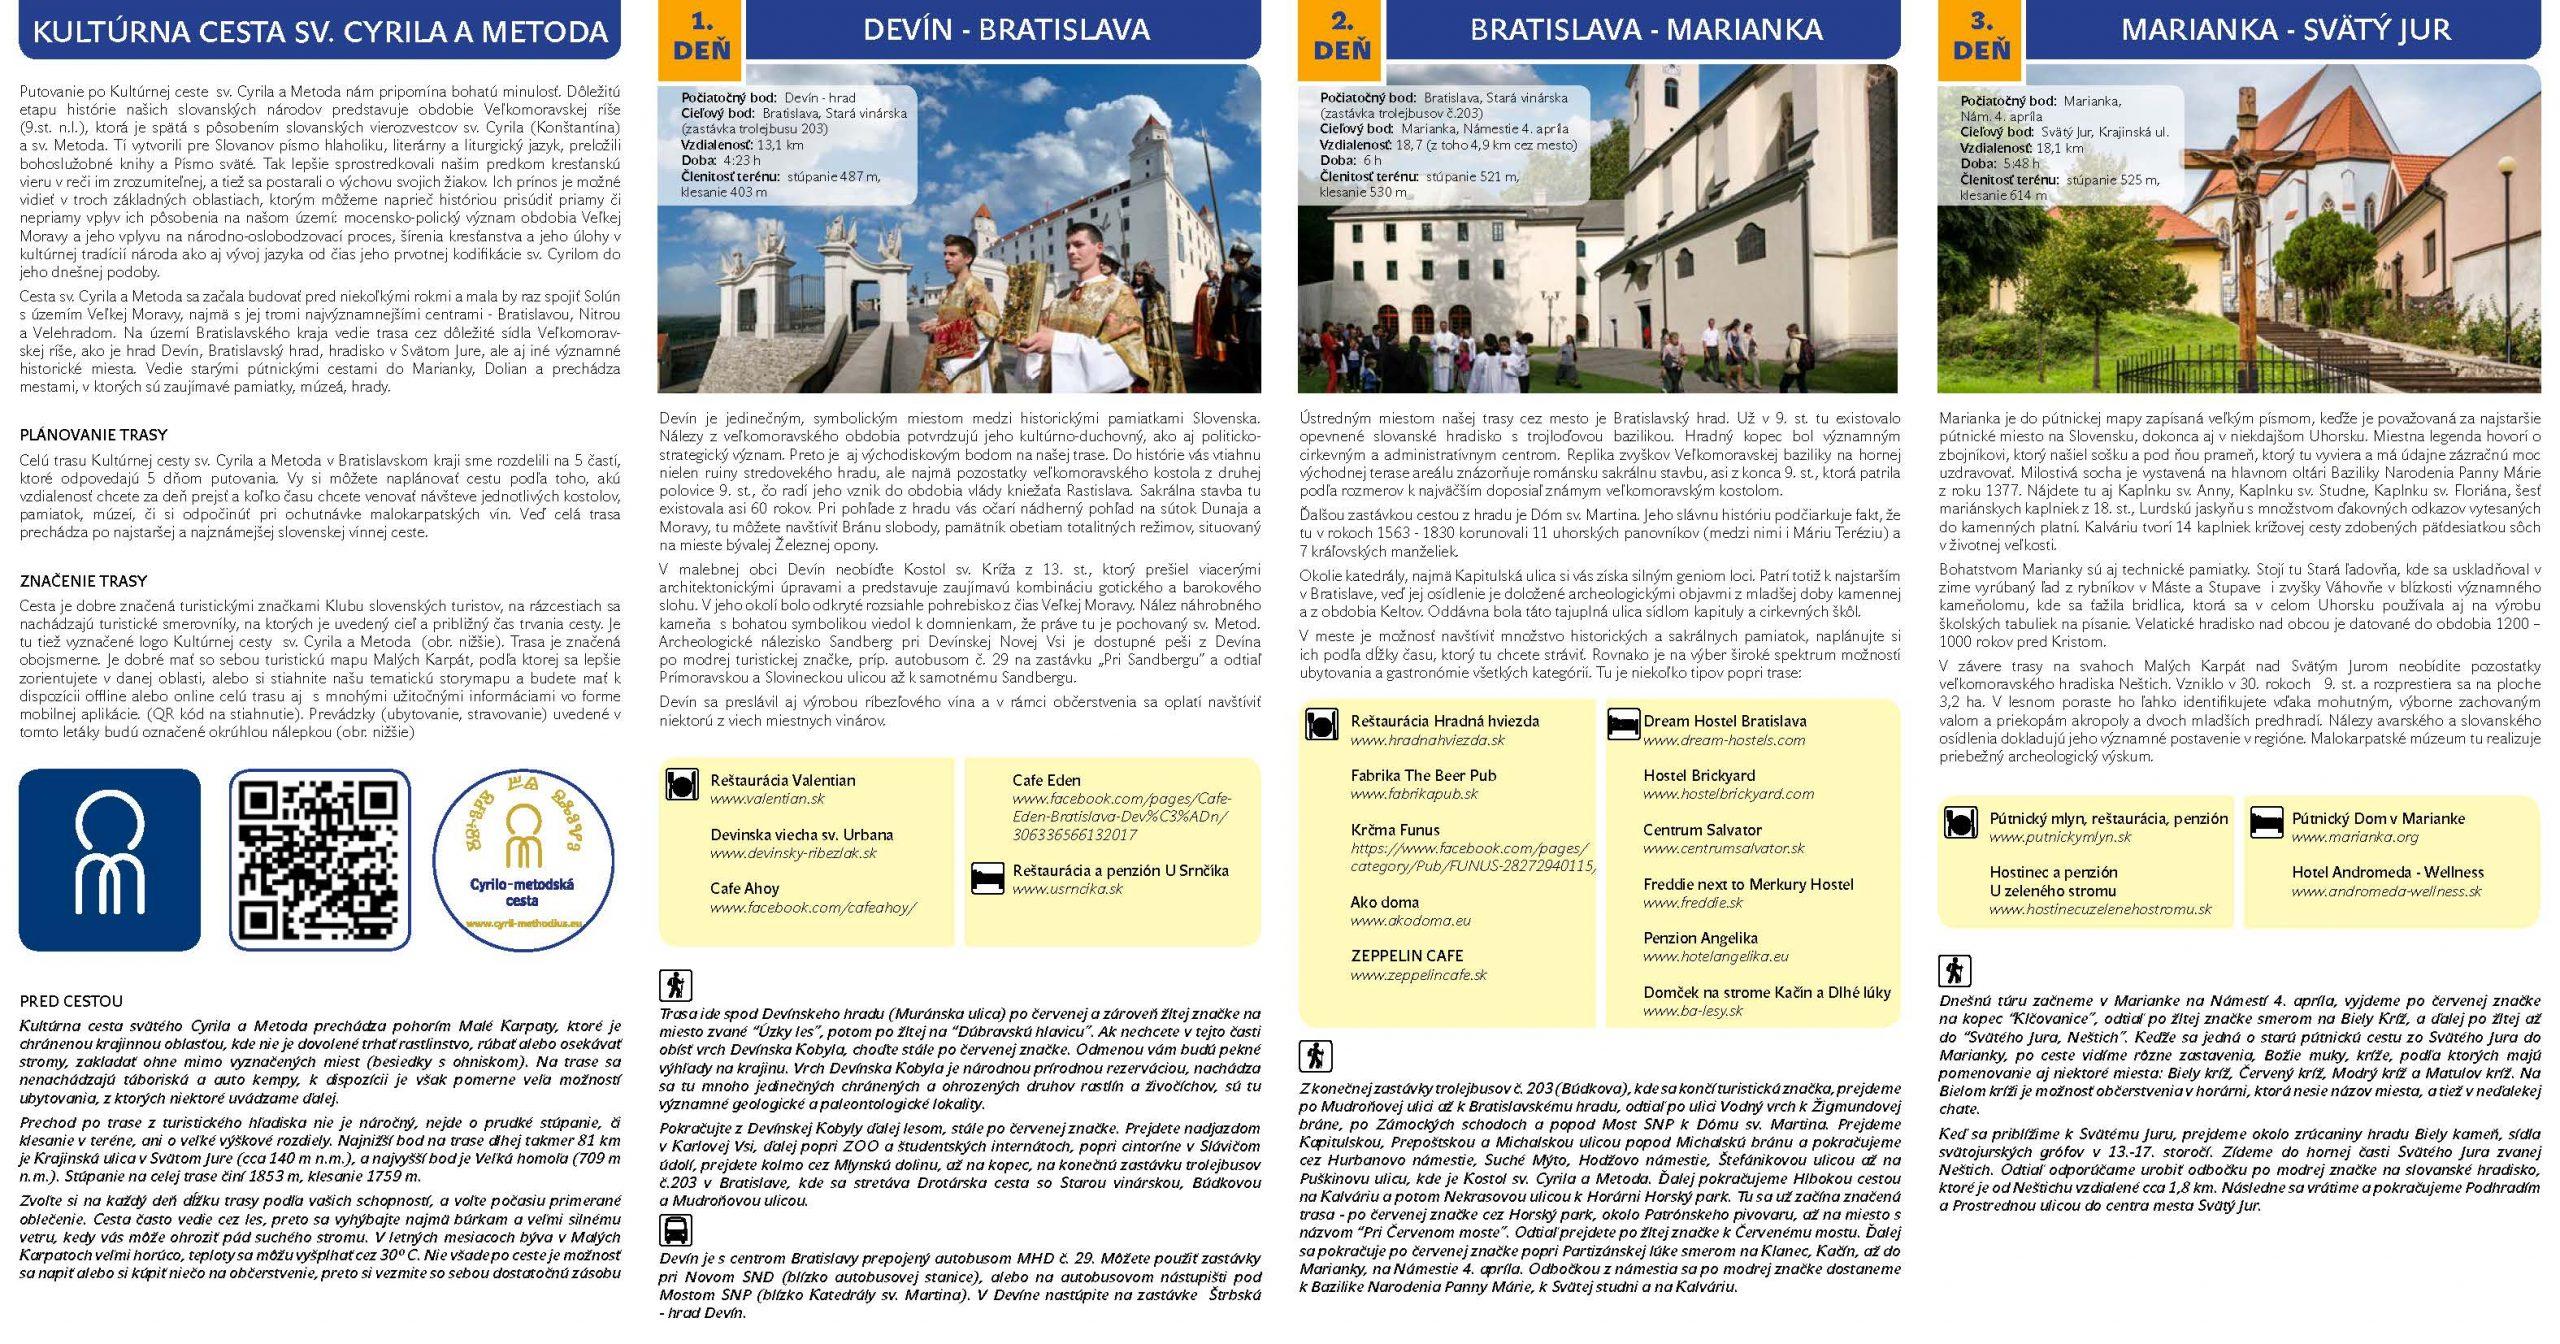 Leták Európska kultúrna cesta sv. Cyrila a Metoda